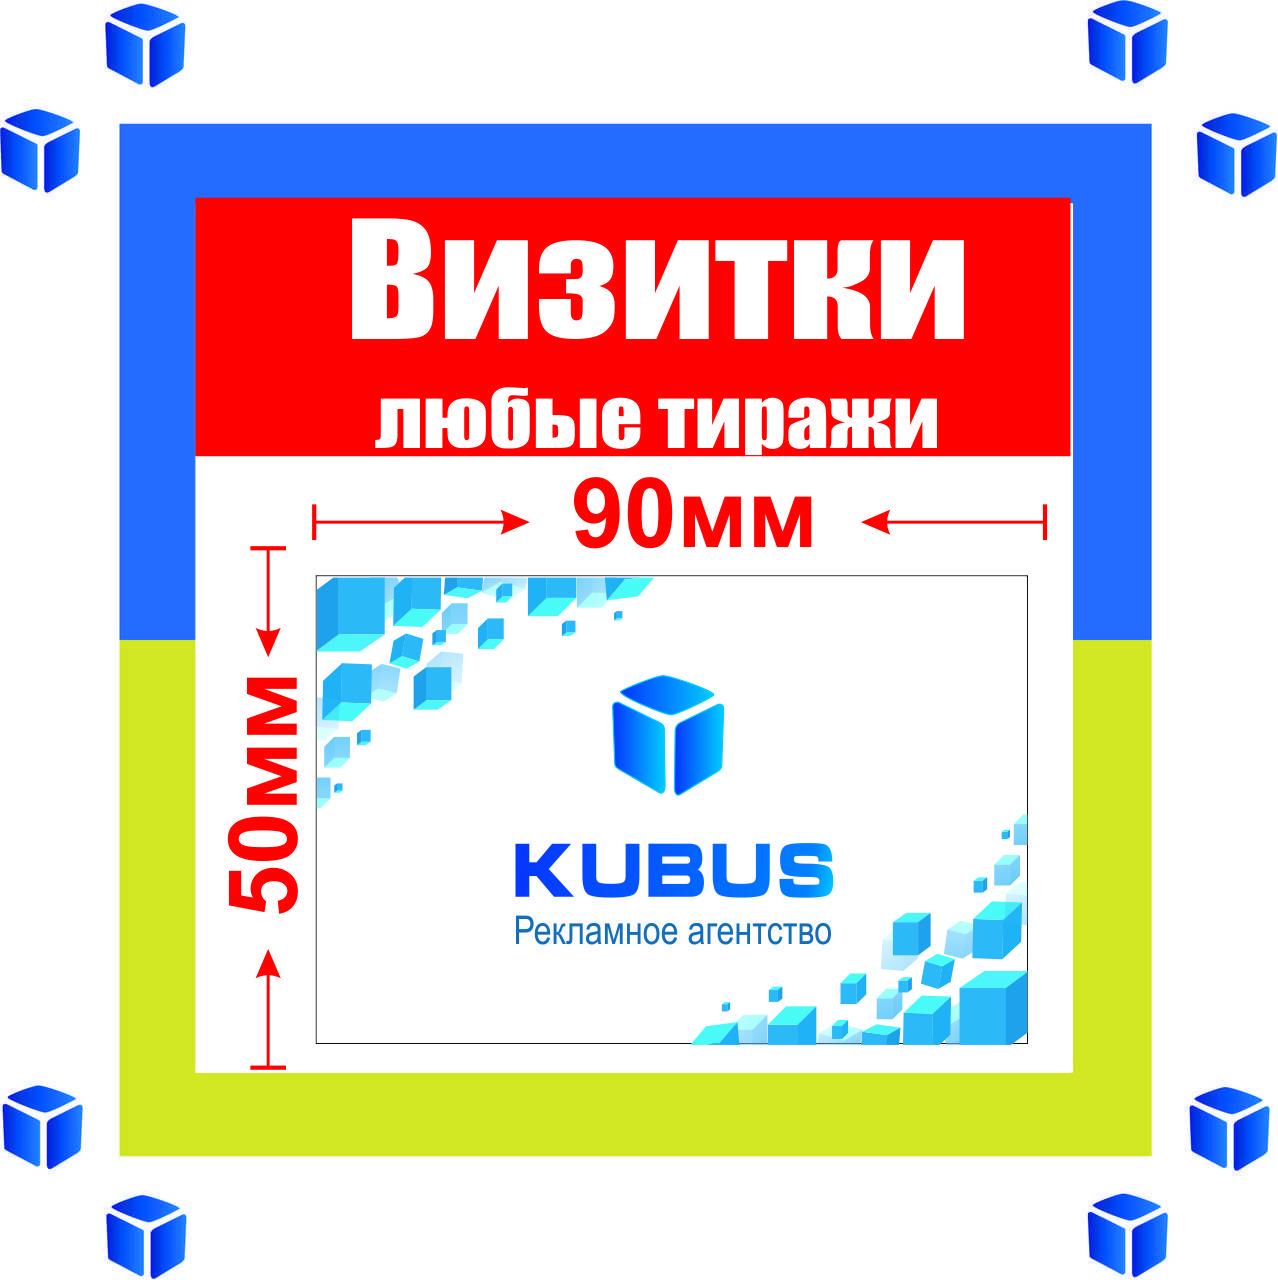 Визитки цветные двухсторонние 5 000 шт(любые тиражи,защитный лак матовый/ 4 дня )